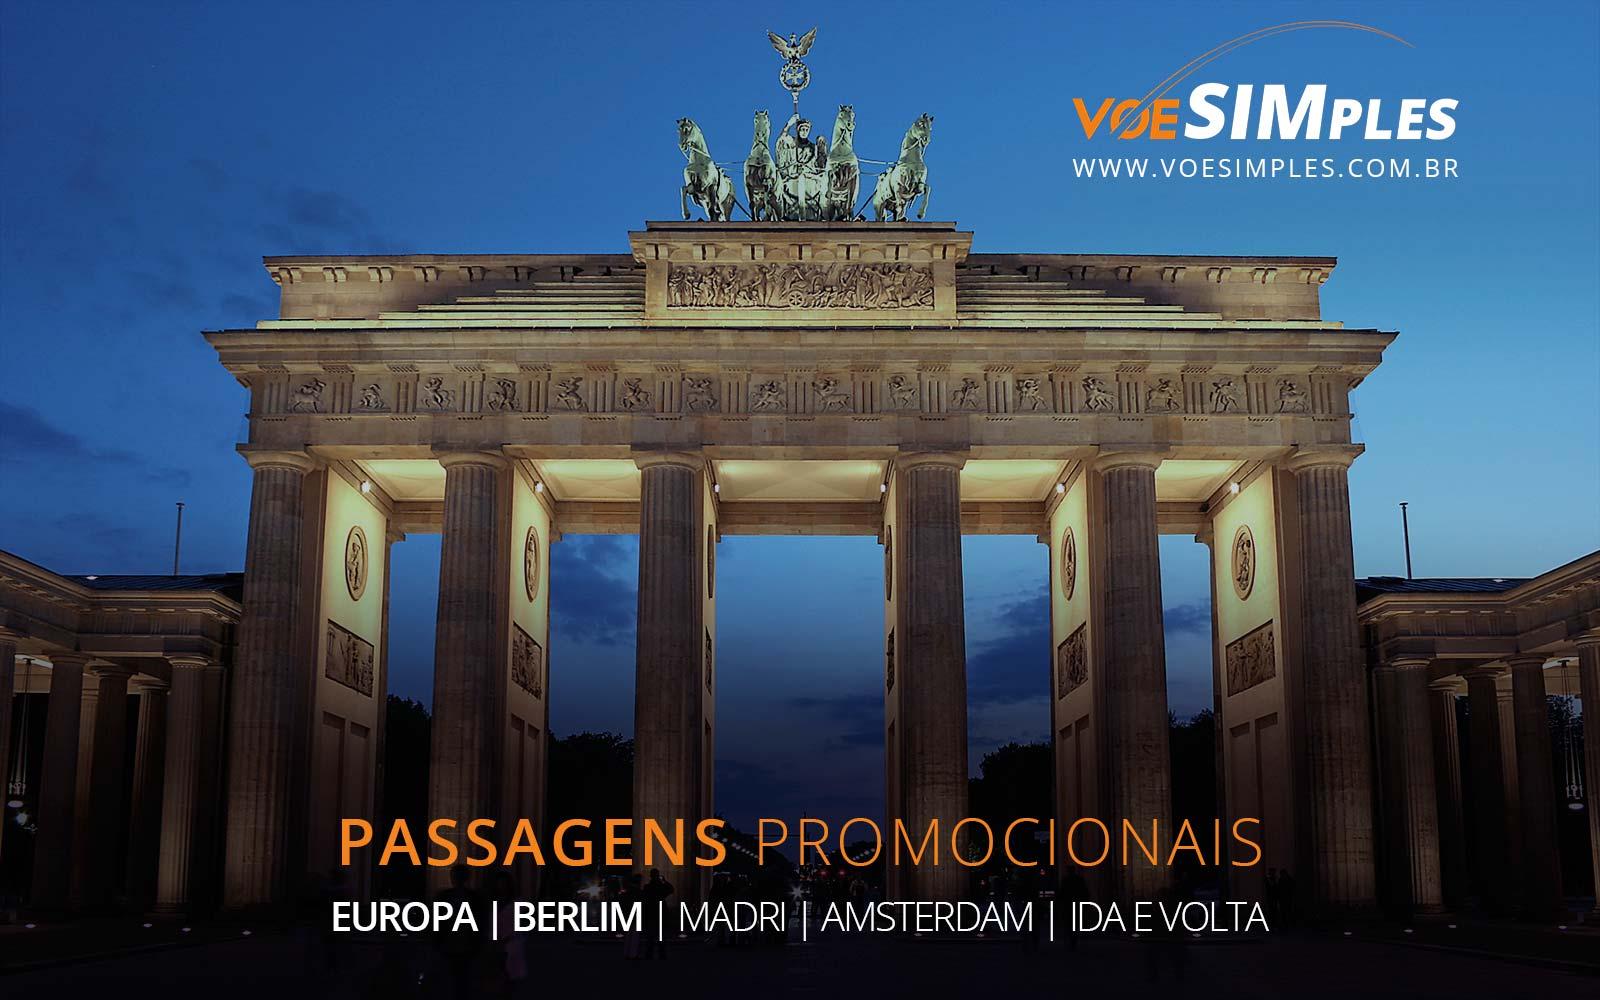 Passagens aéreas promocionais para Madri, Frankfurt, Amsterdam e Berlim na Europa